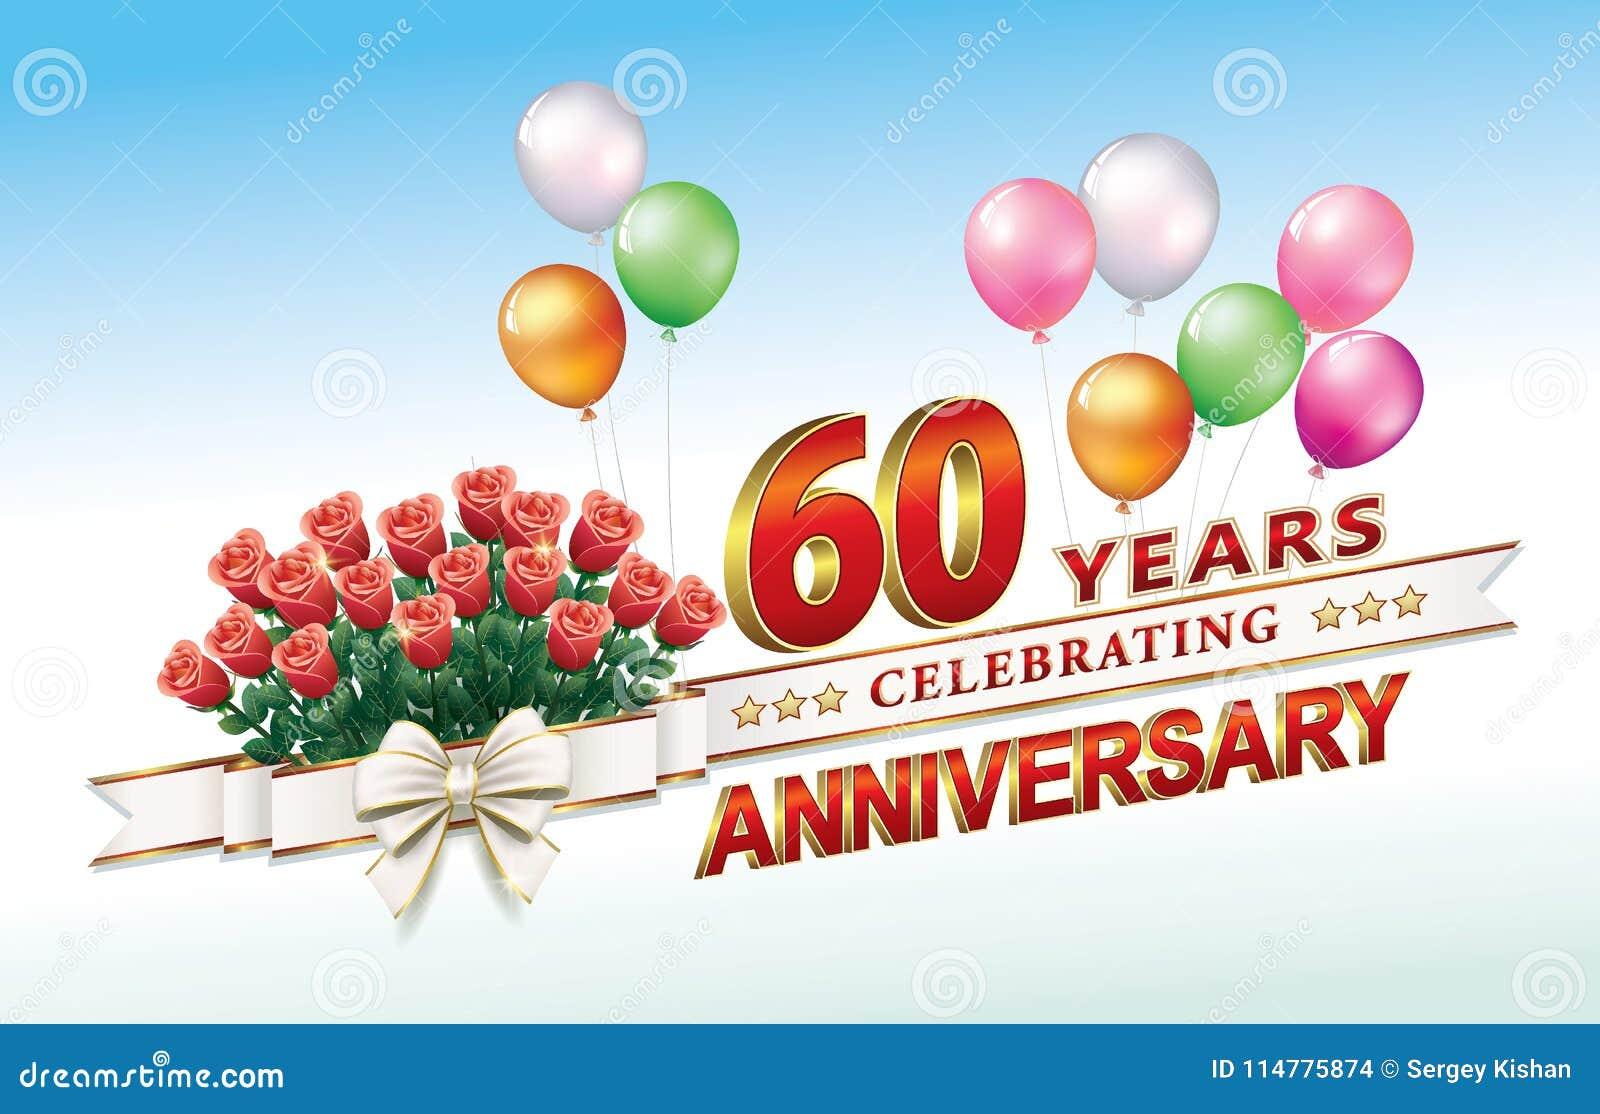 60 Jaar Verjaardags Vector Illustratie Illustratie Bestaande Uit